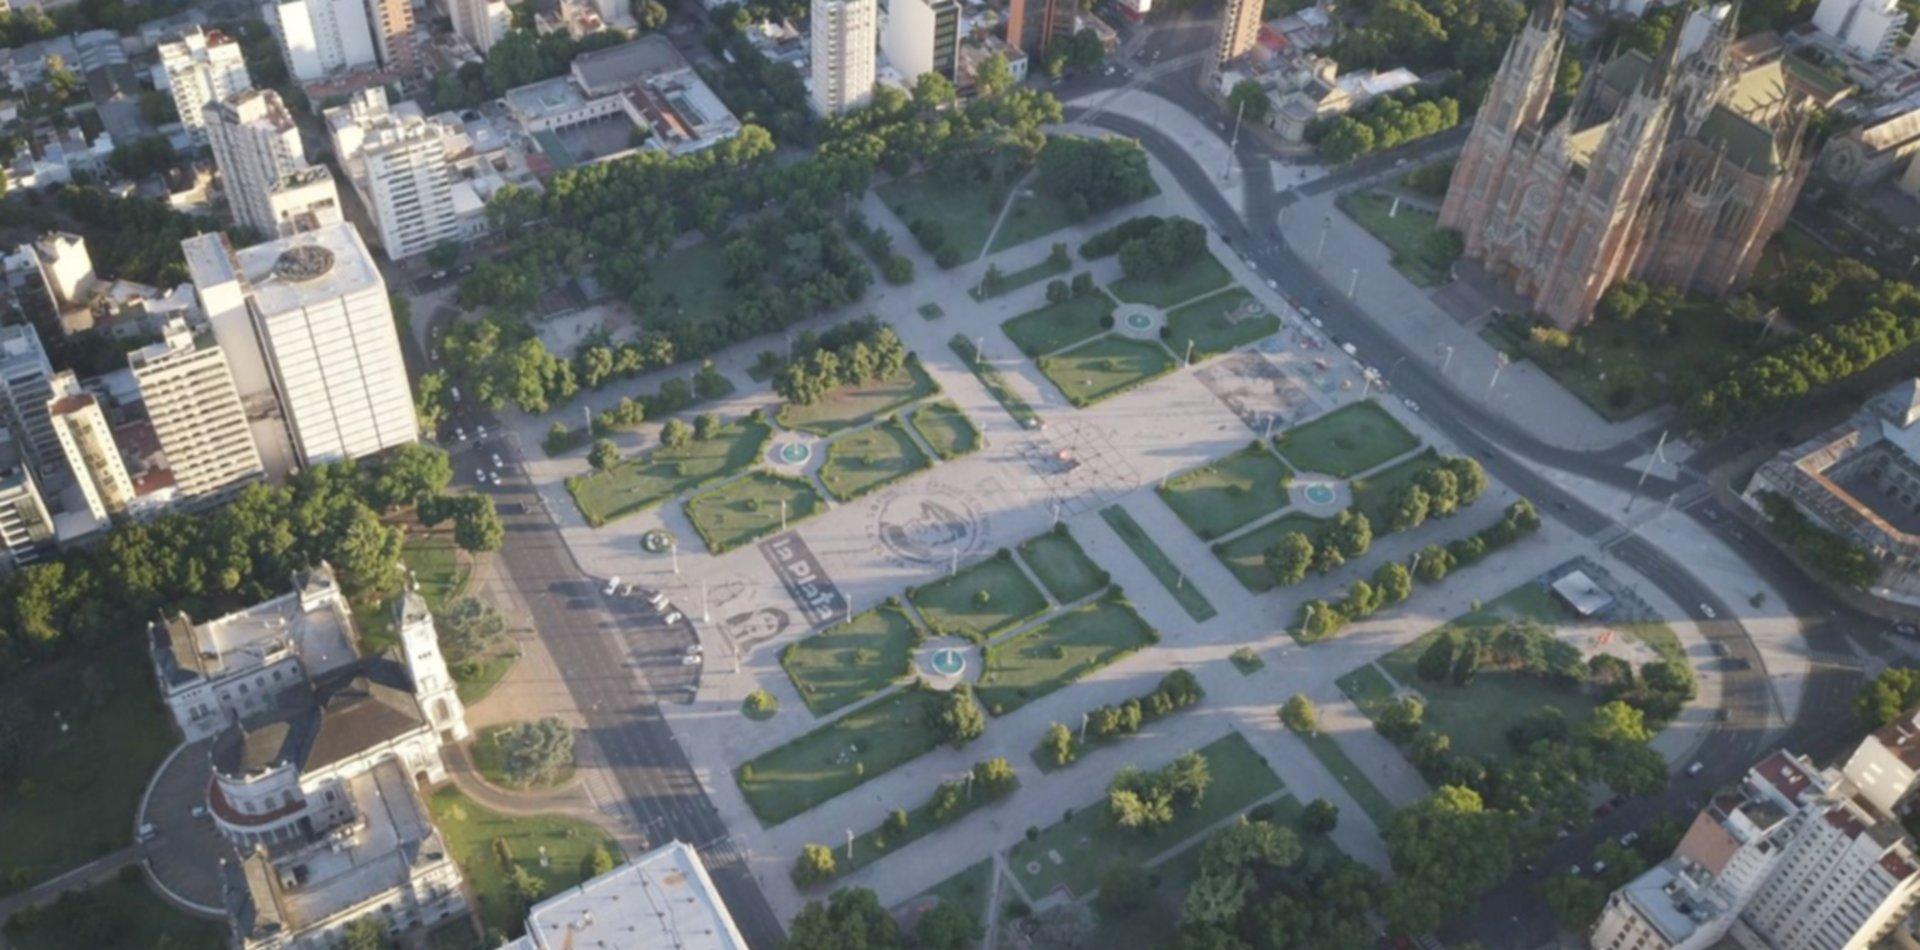 Restauran una emblemática escultura de Plaza Moreno tras 40 años